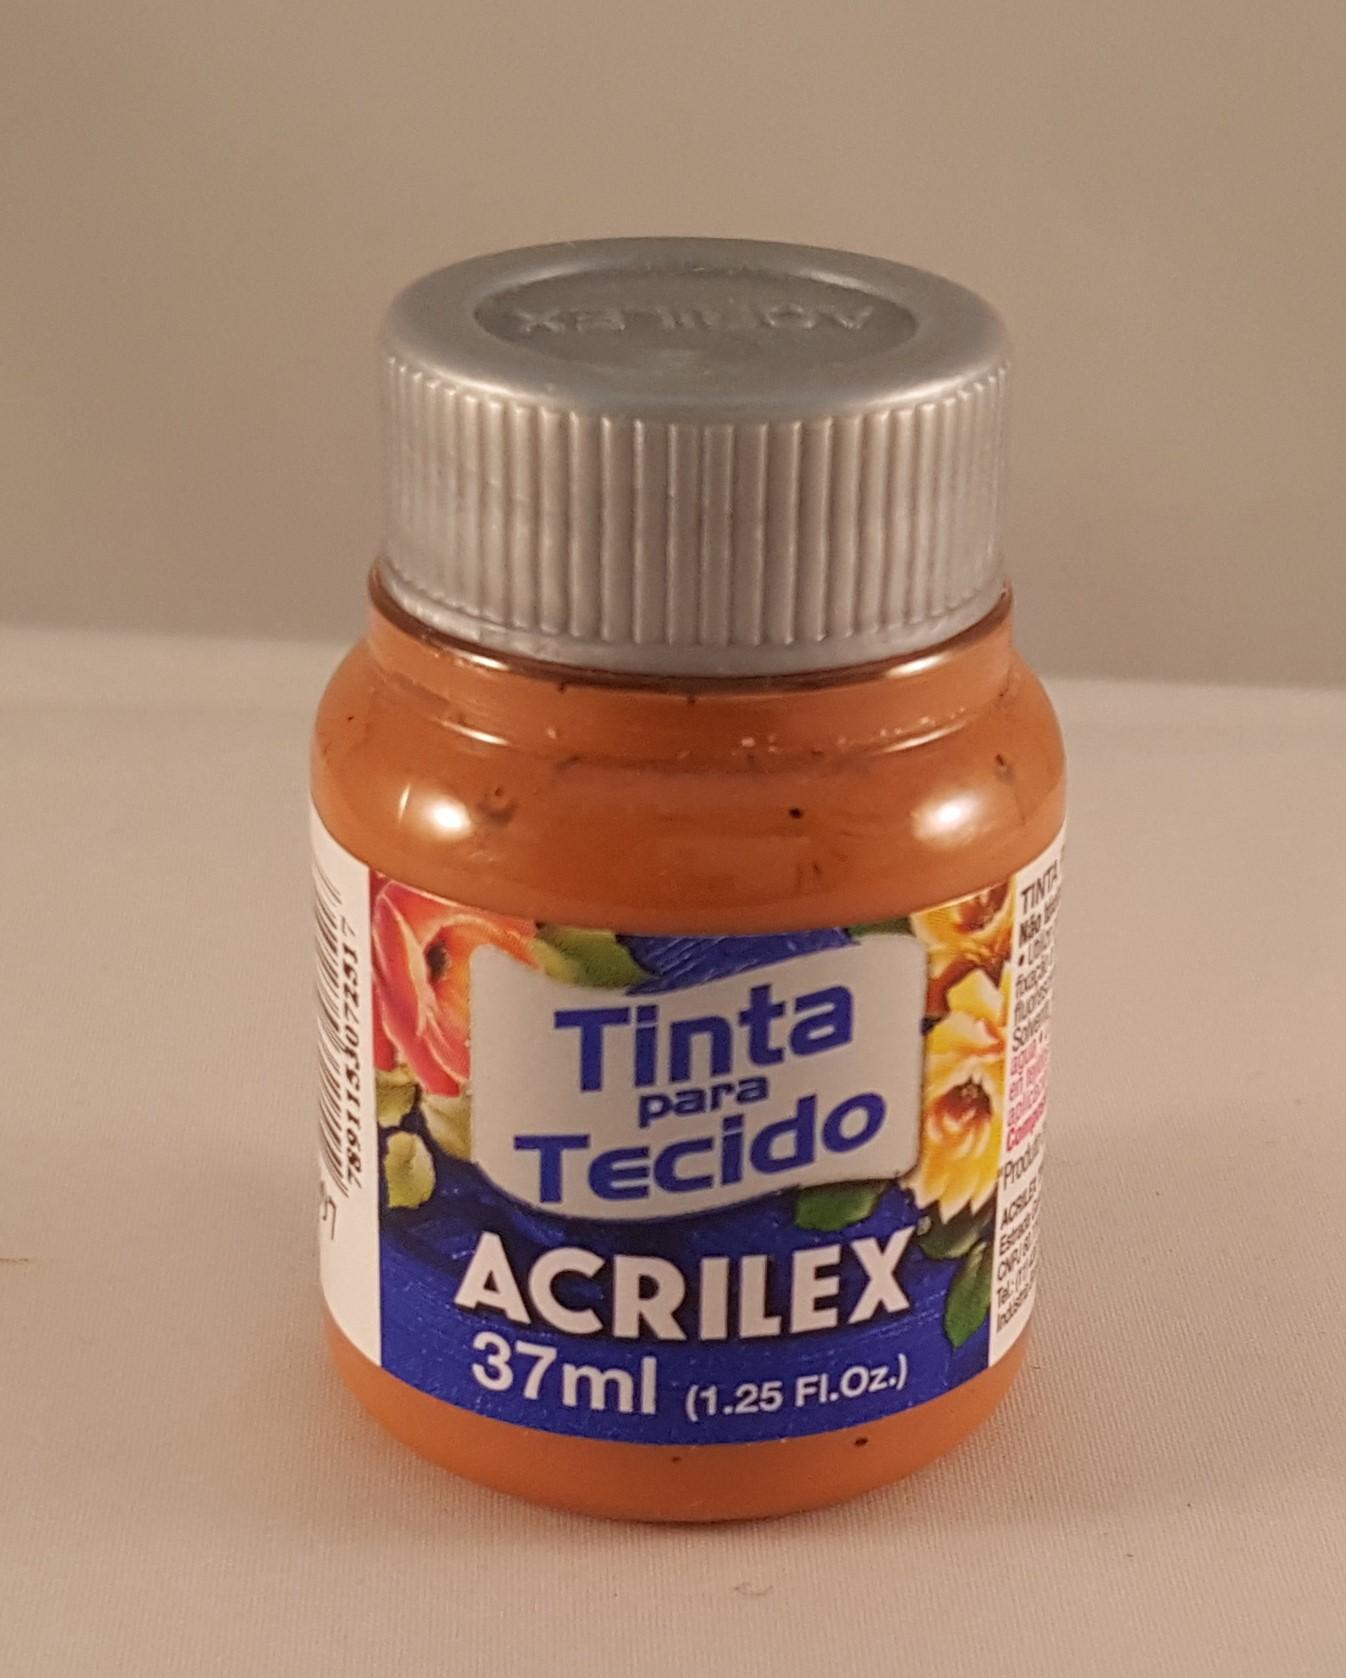 Tinta Tecido Acrilex jotoba 997